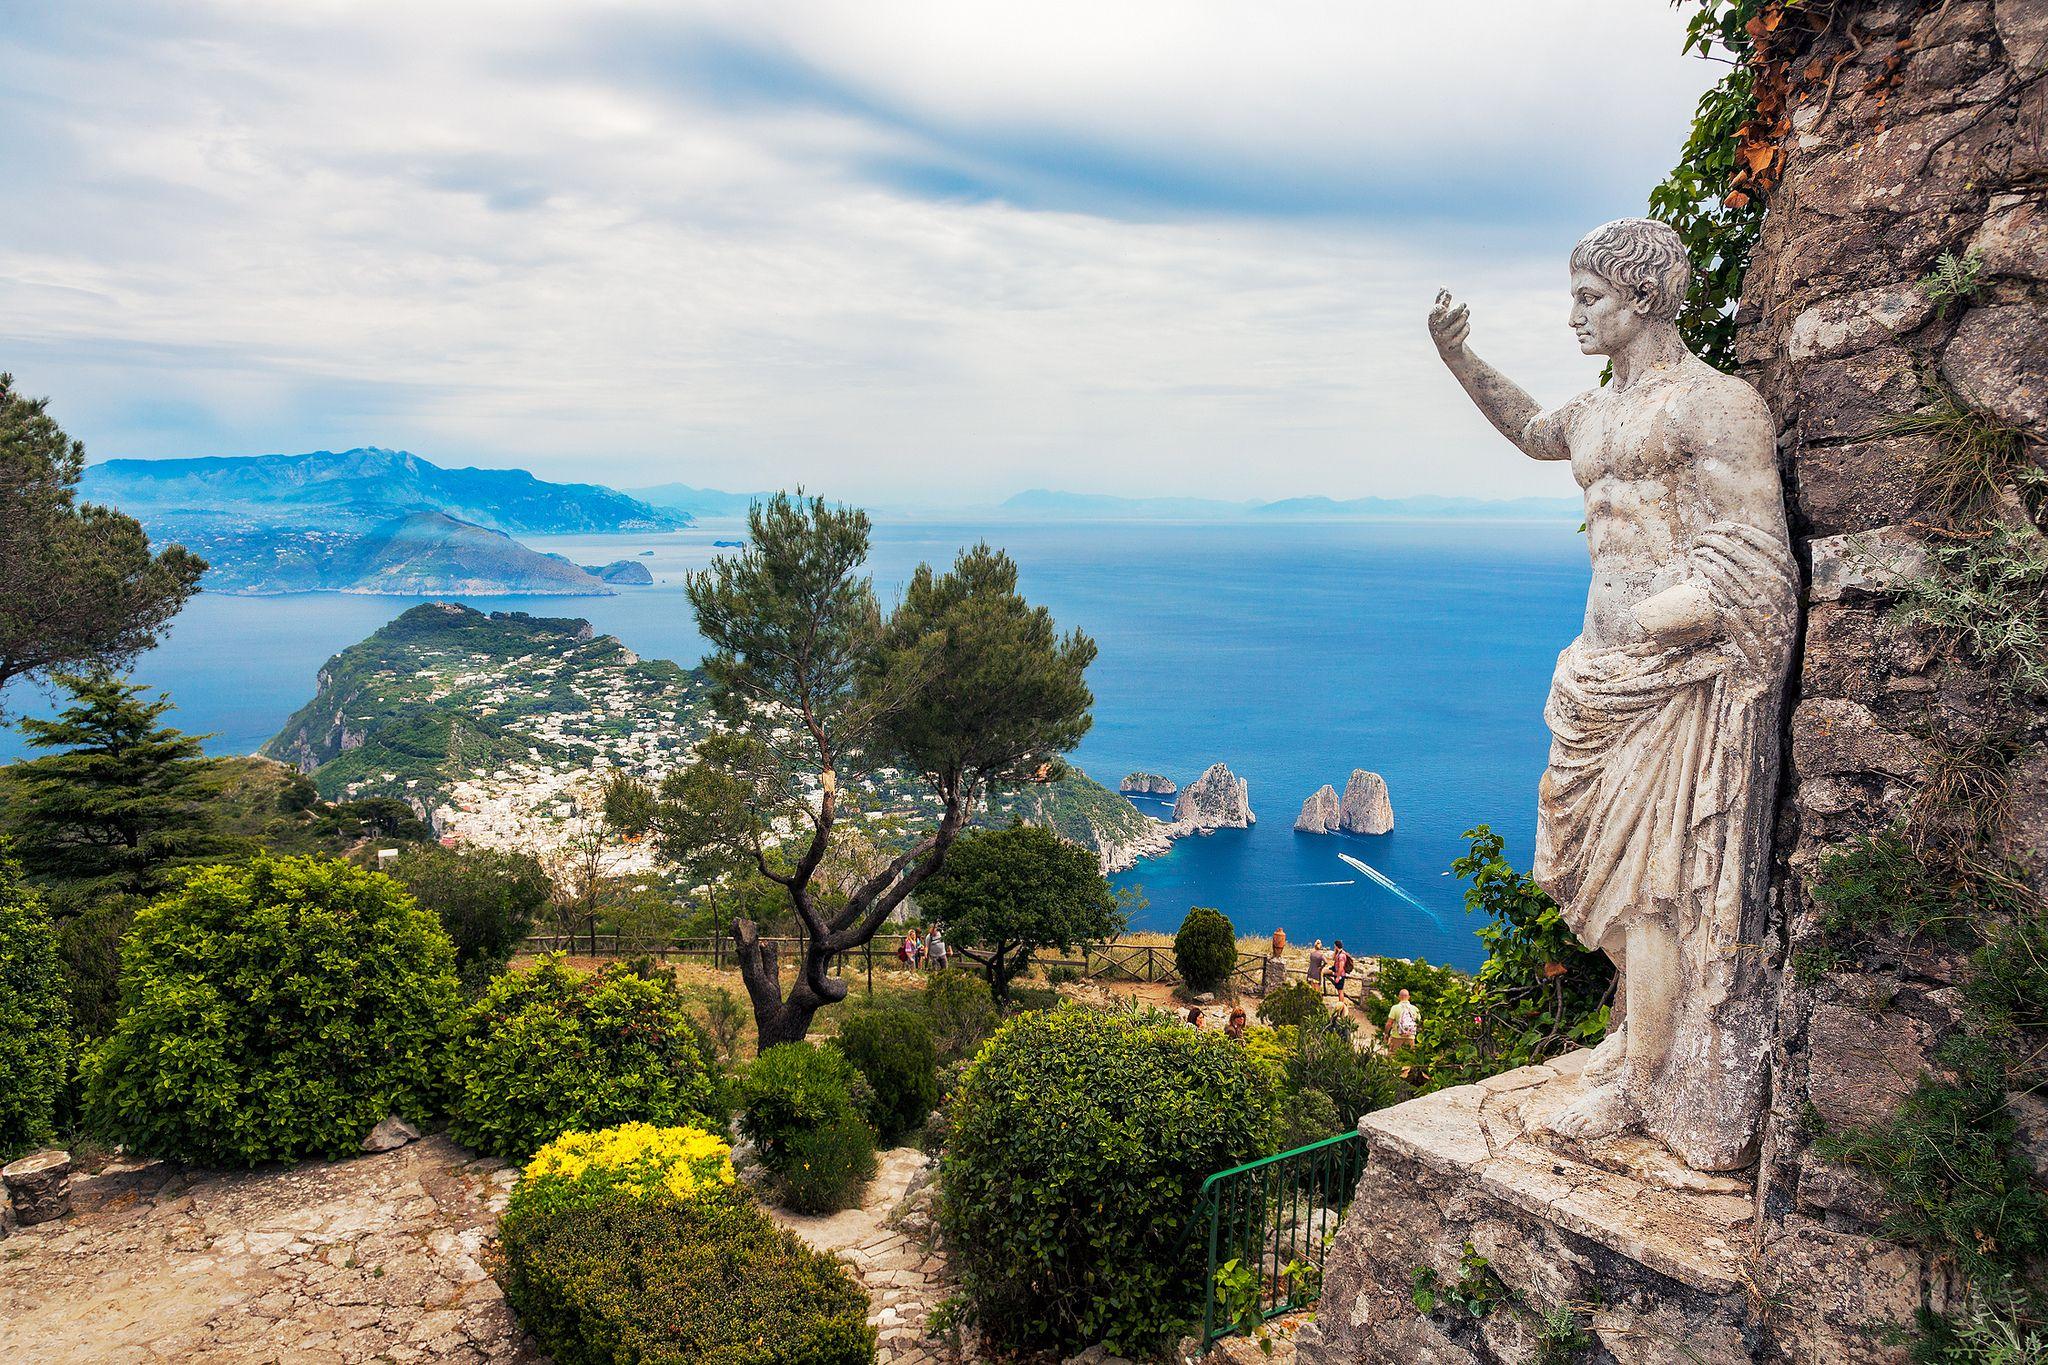 Capri, Anacapri, Italy - Amazing blue color ocean here in ... |Capri Italy Golf